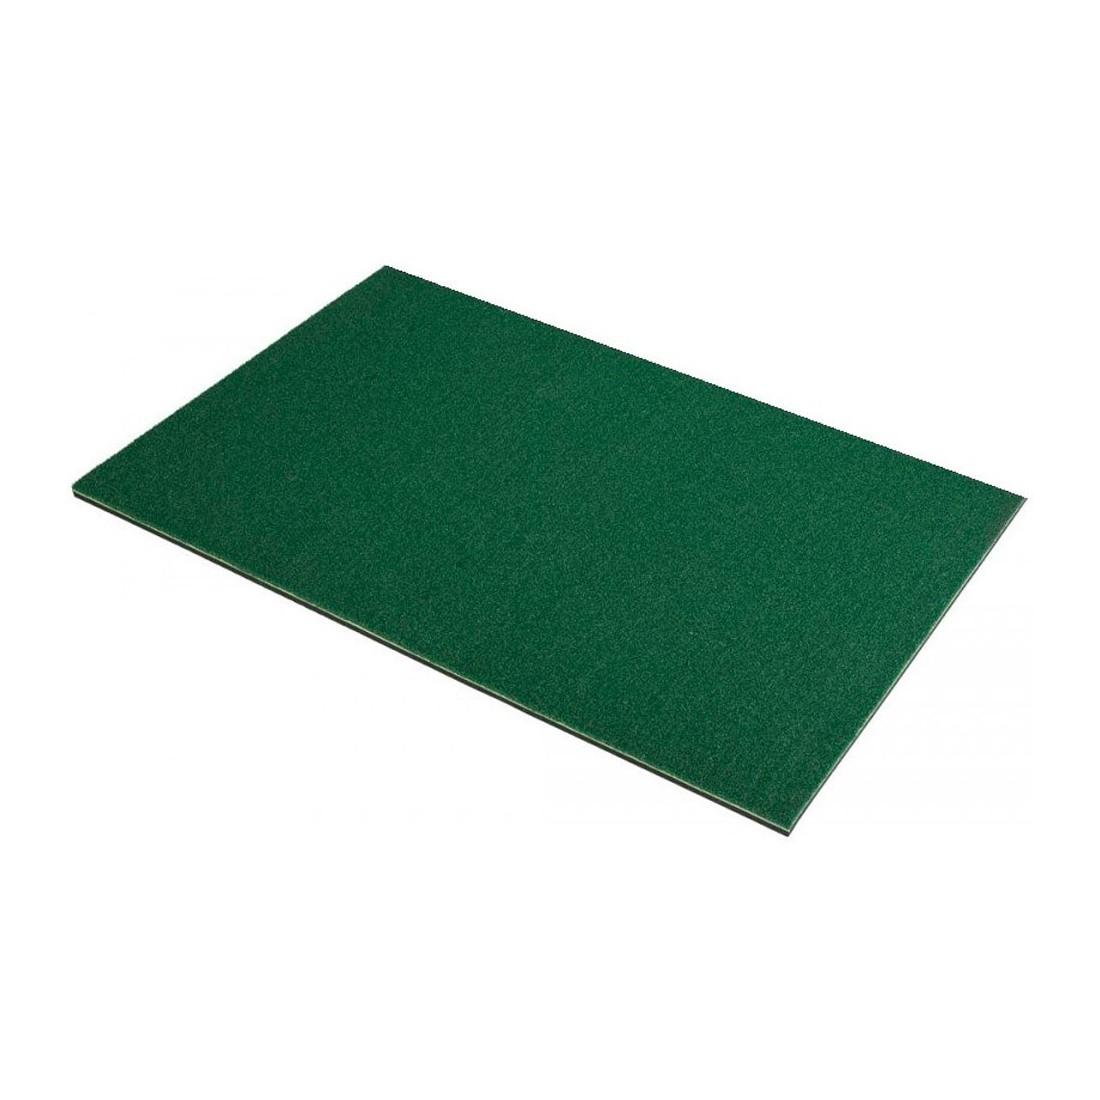 greentec tapis de practice smartline 150 x 100cm